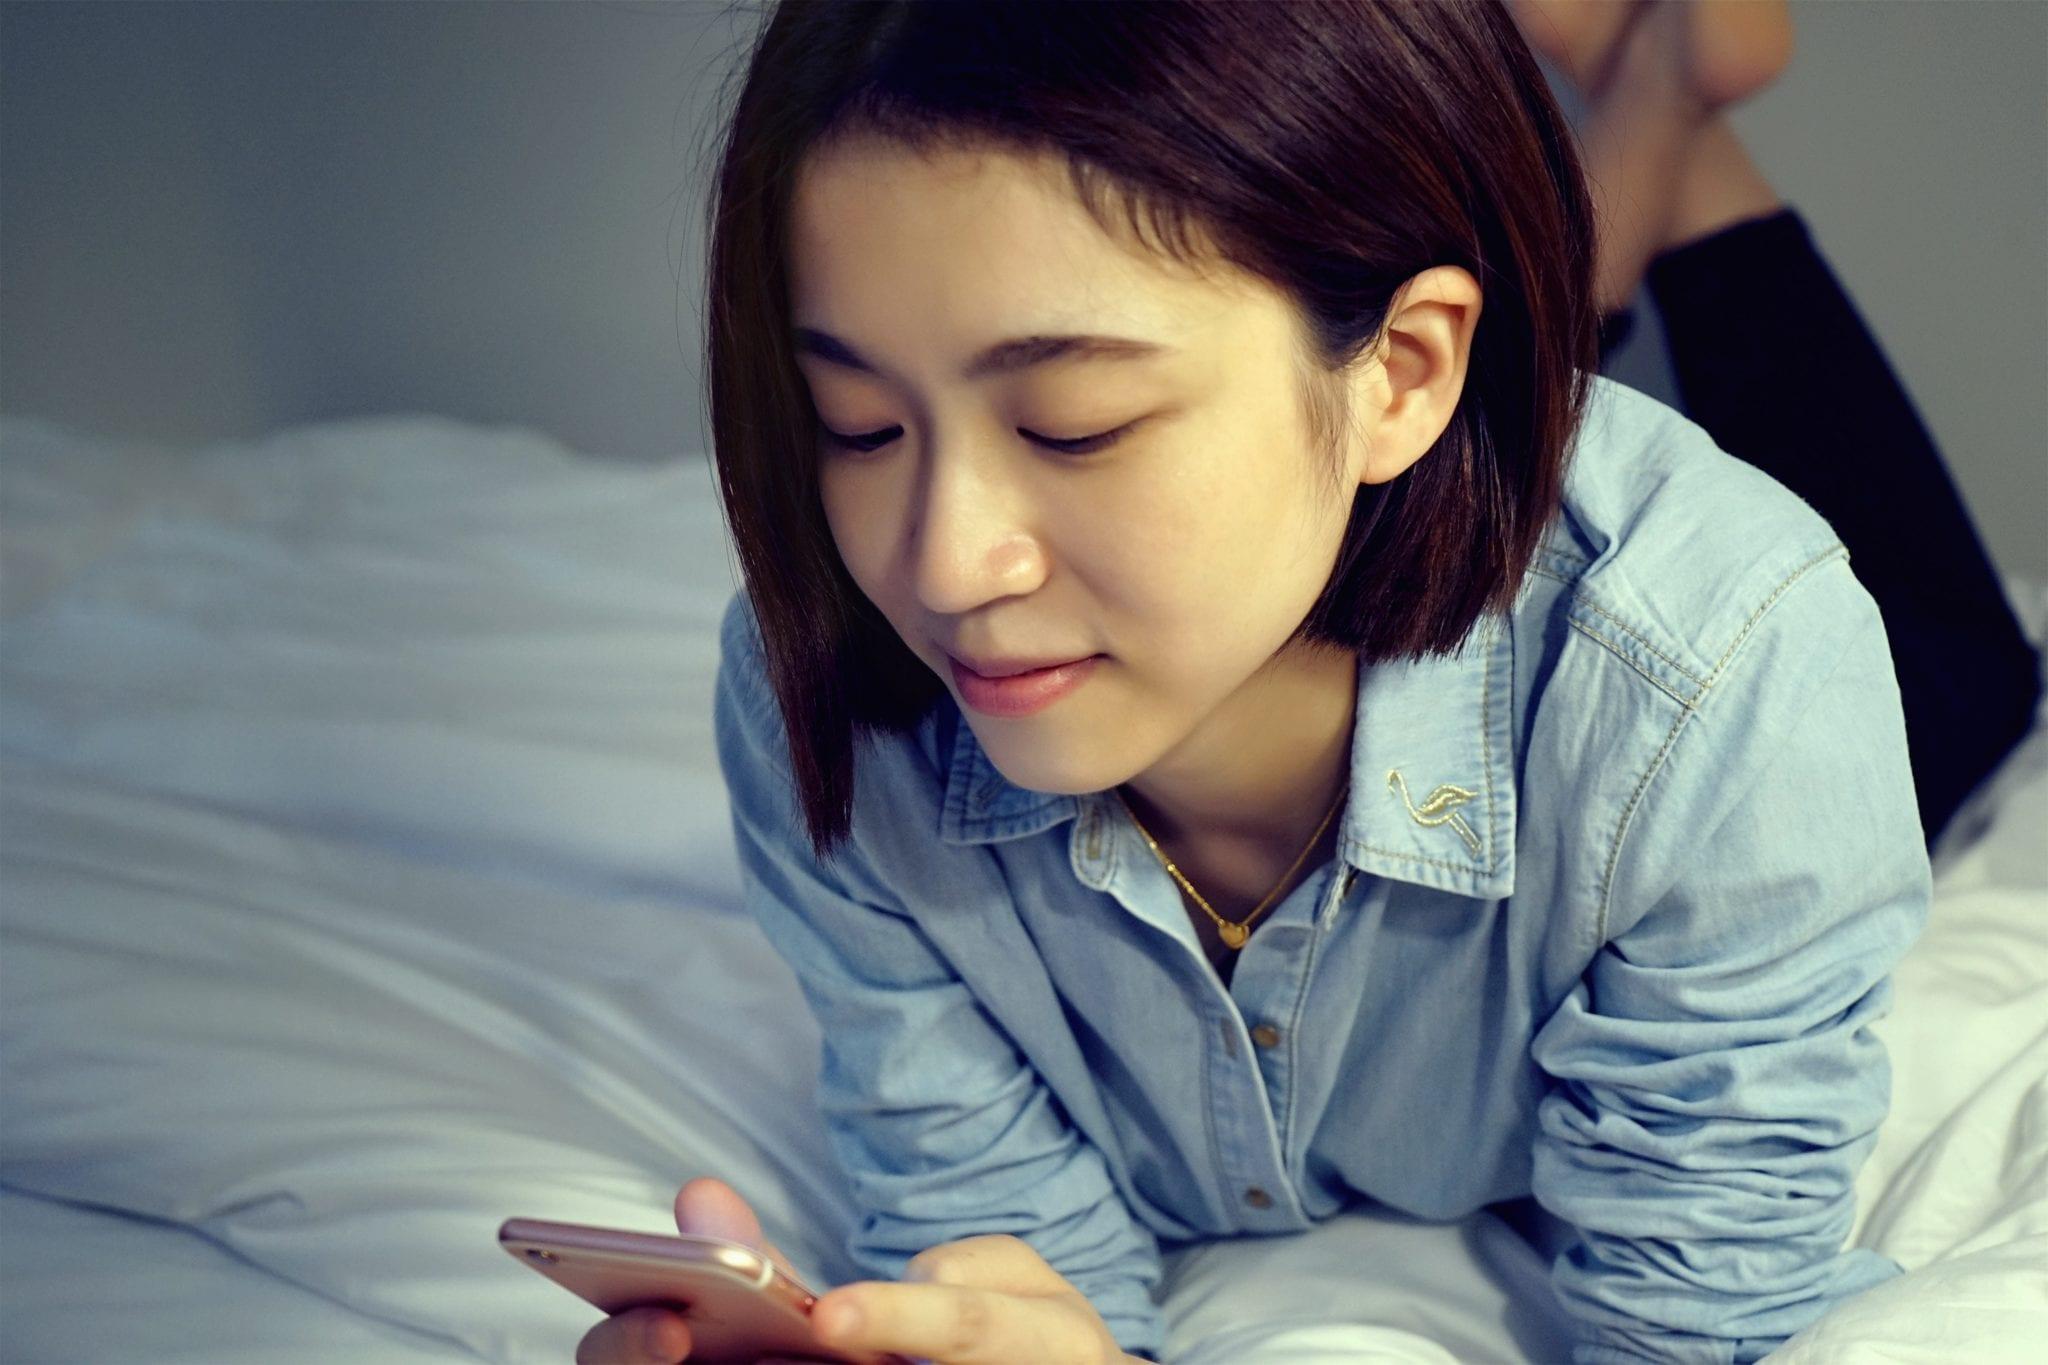 นิยายจีนอ่านฟรี อ่านนิยายออนไลน์ นิยายอ่านฟรี นิยายแปลจีน